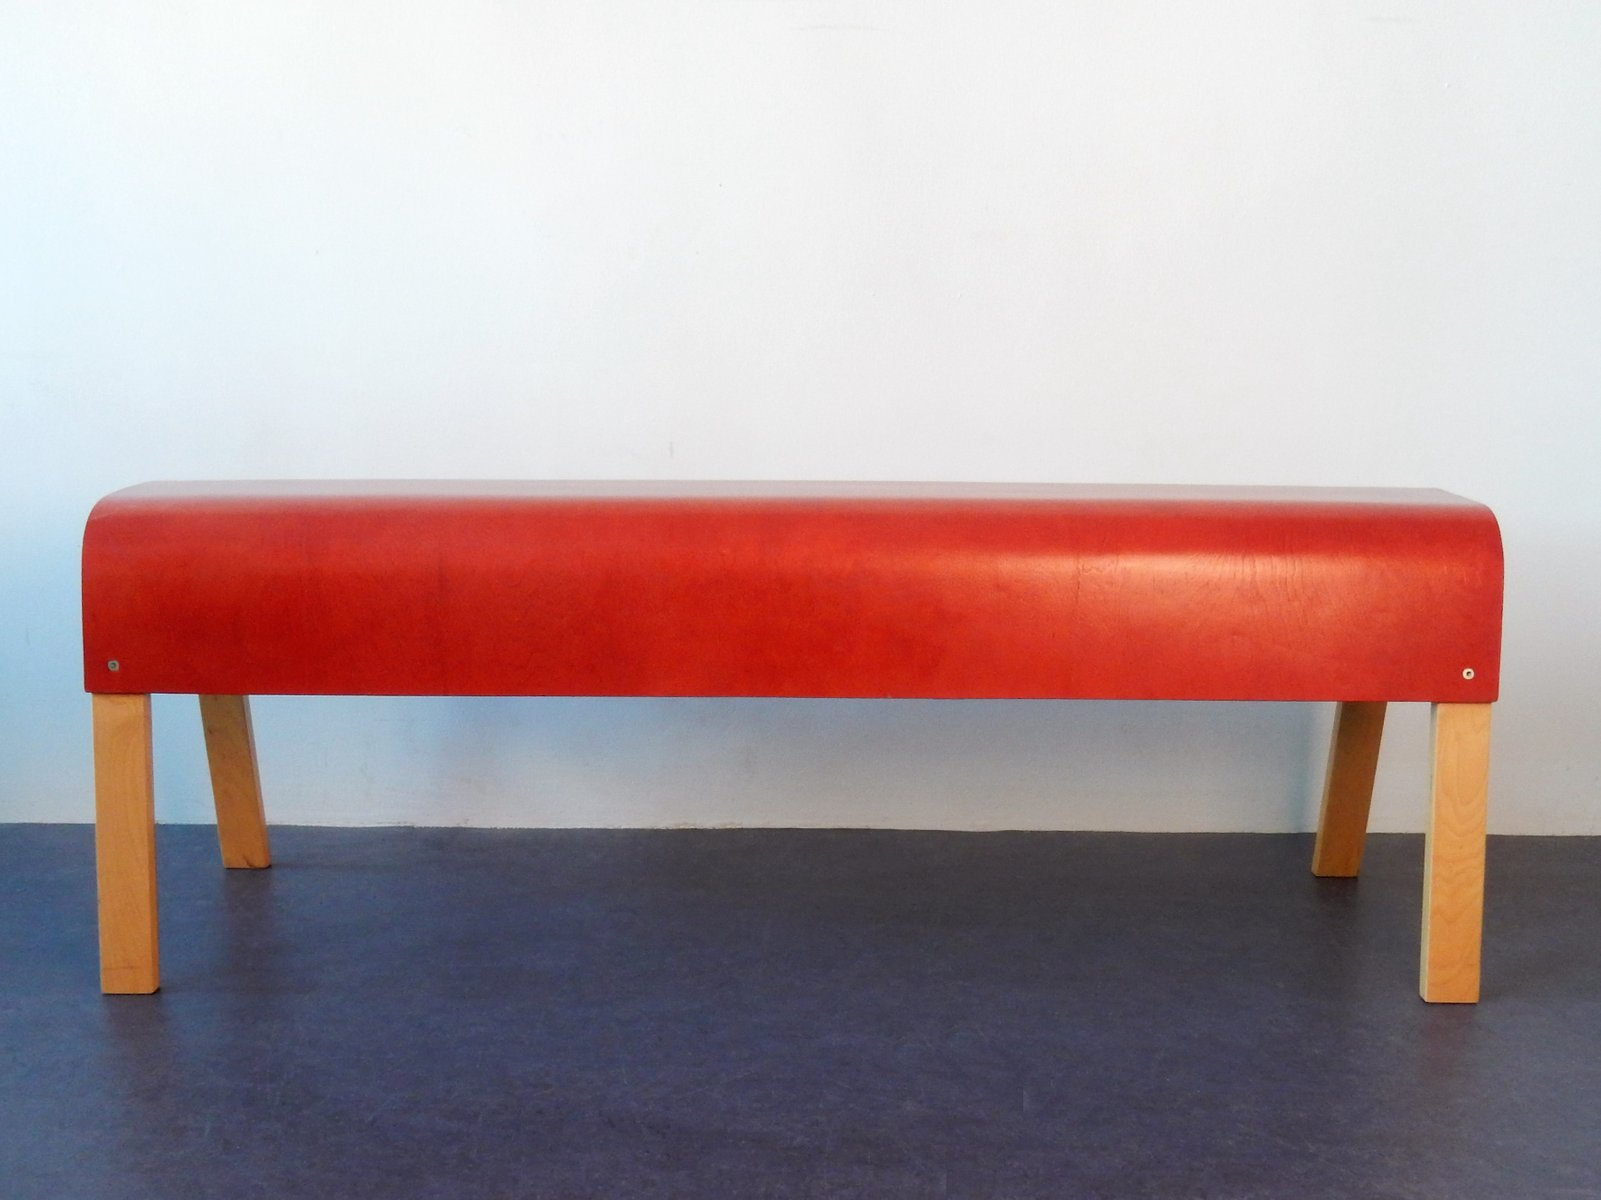 rote sitzbank aus schichtholz von ikea 1990er bei pamono kaufen. Black Bedroom Furniture Sets. Home Design Ideas